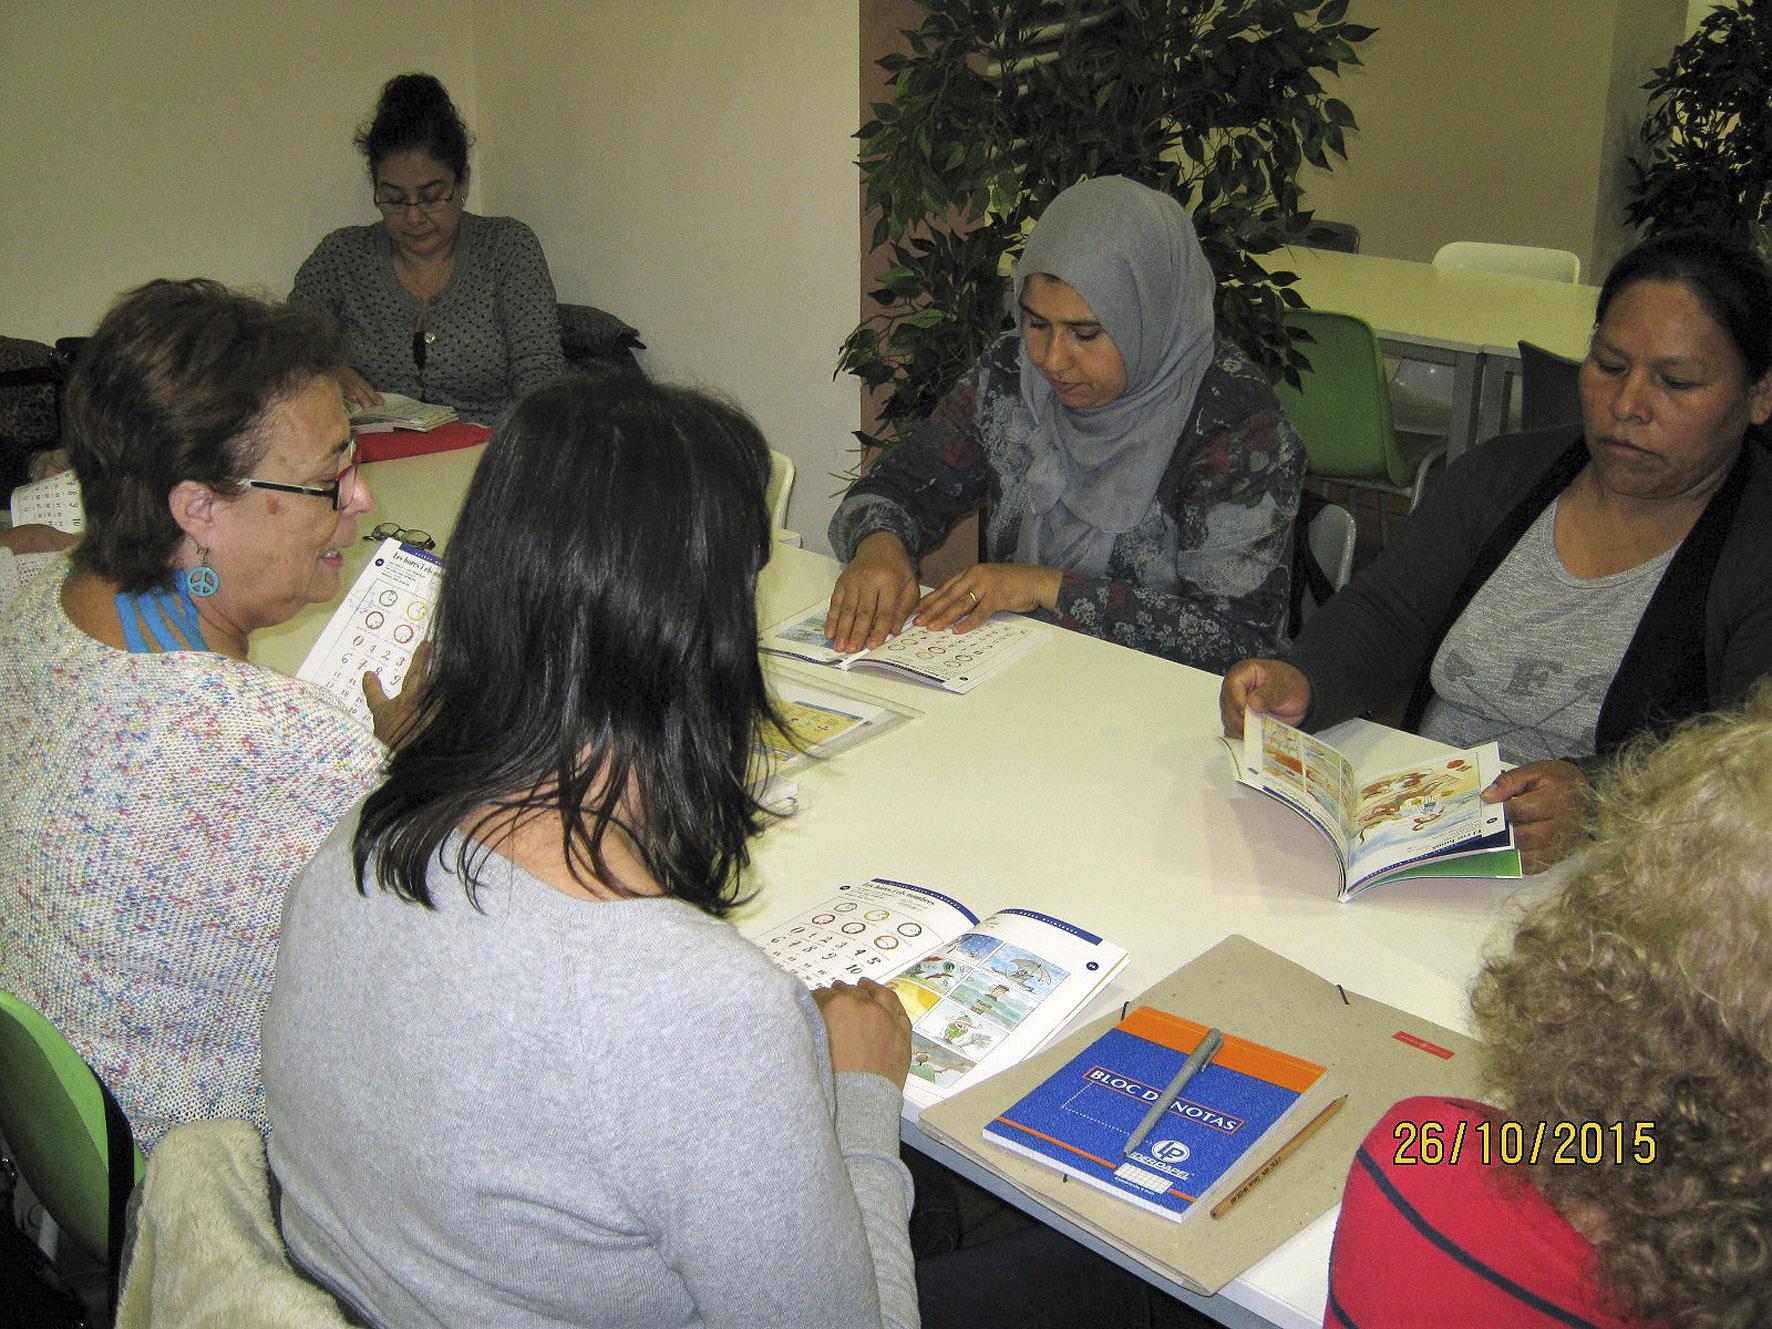 Imagen de d'un programa de capacitación para los adultos de la Fundación Canpedró